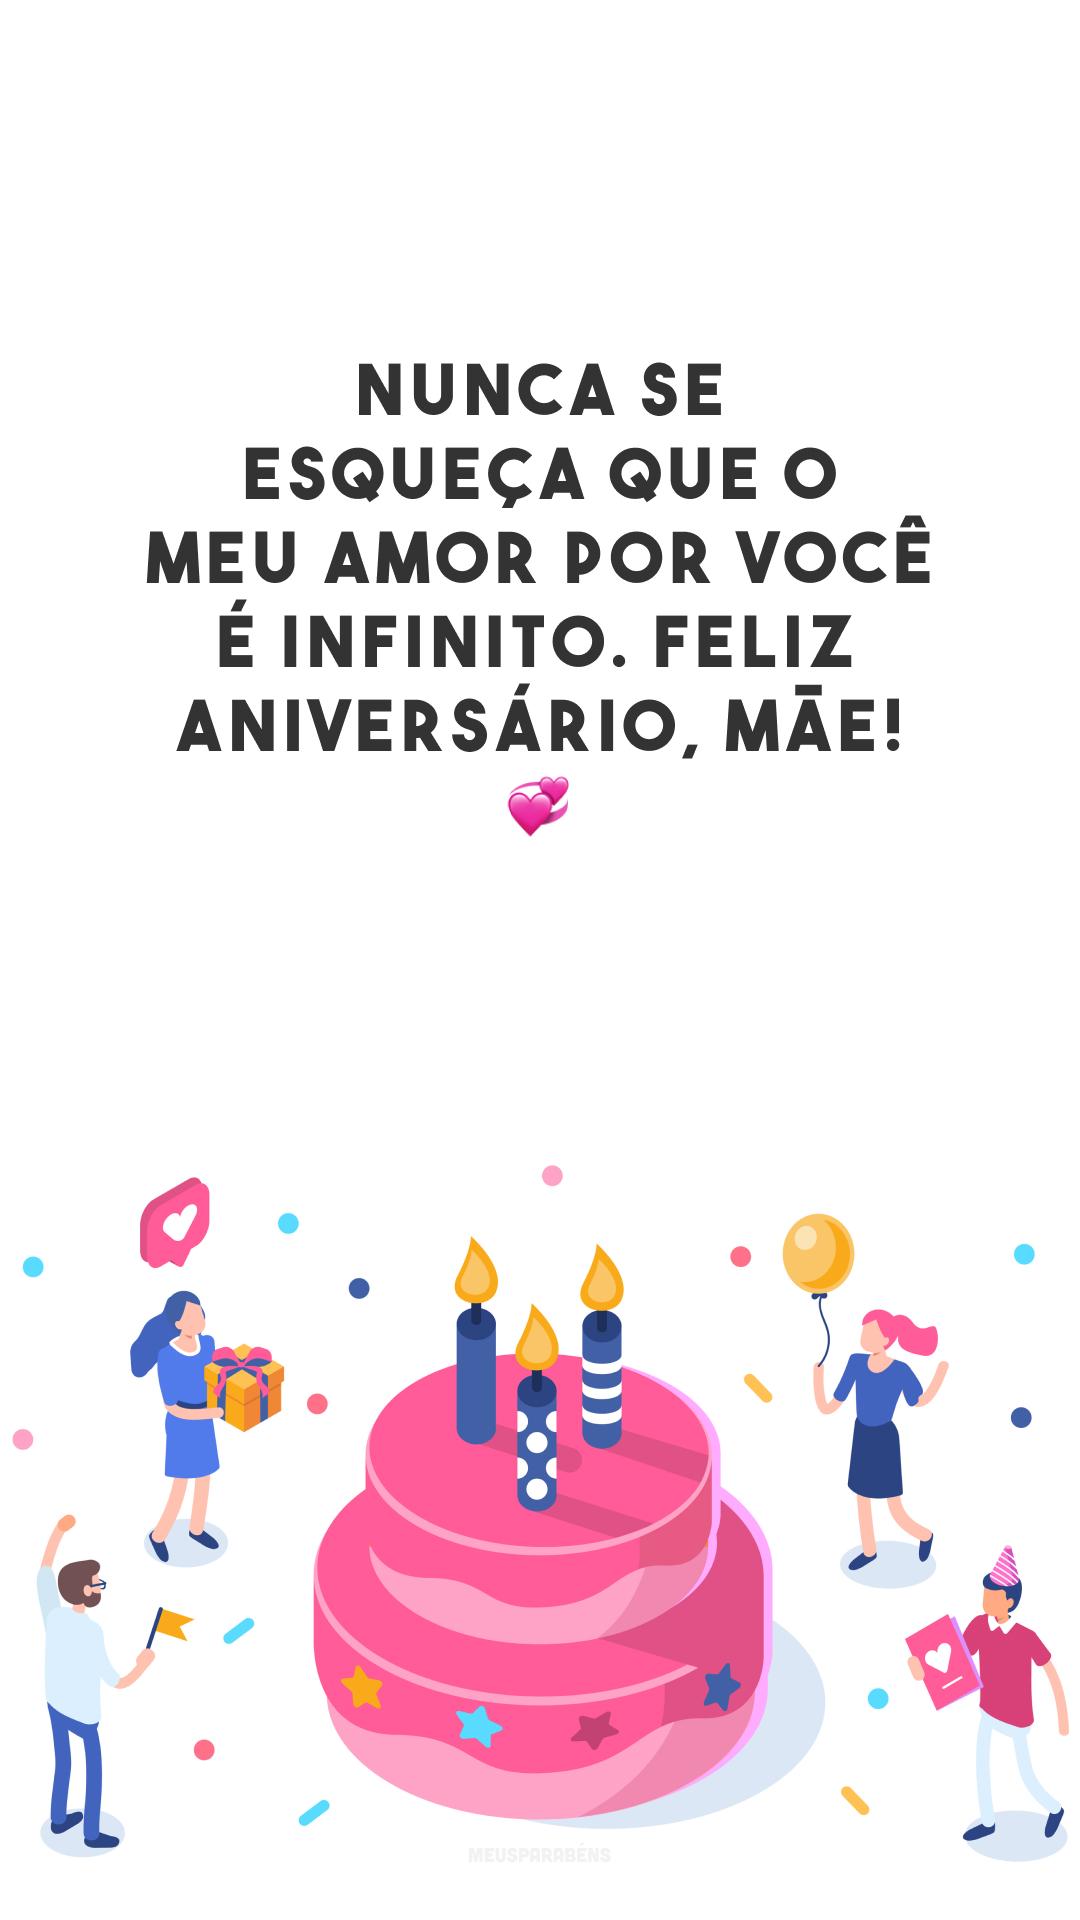 Nunca se esqueça que o meu amor por você é infinito. Feliz aniversário, mãe! 💞